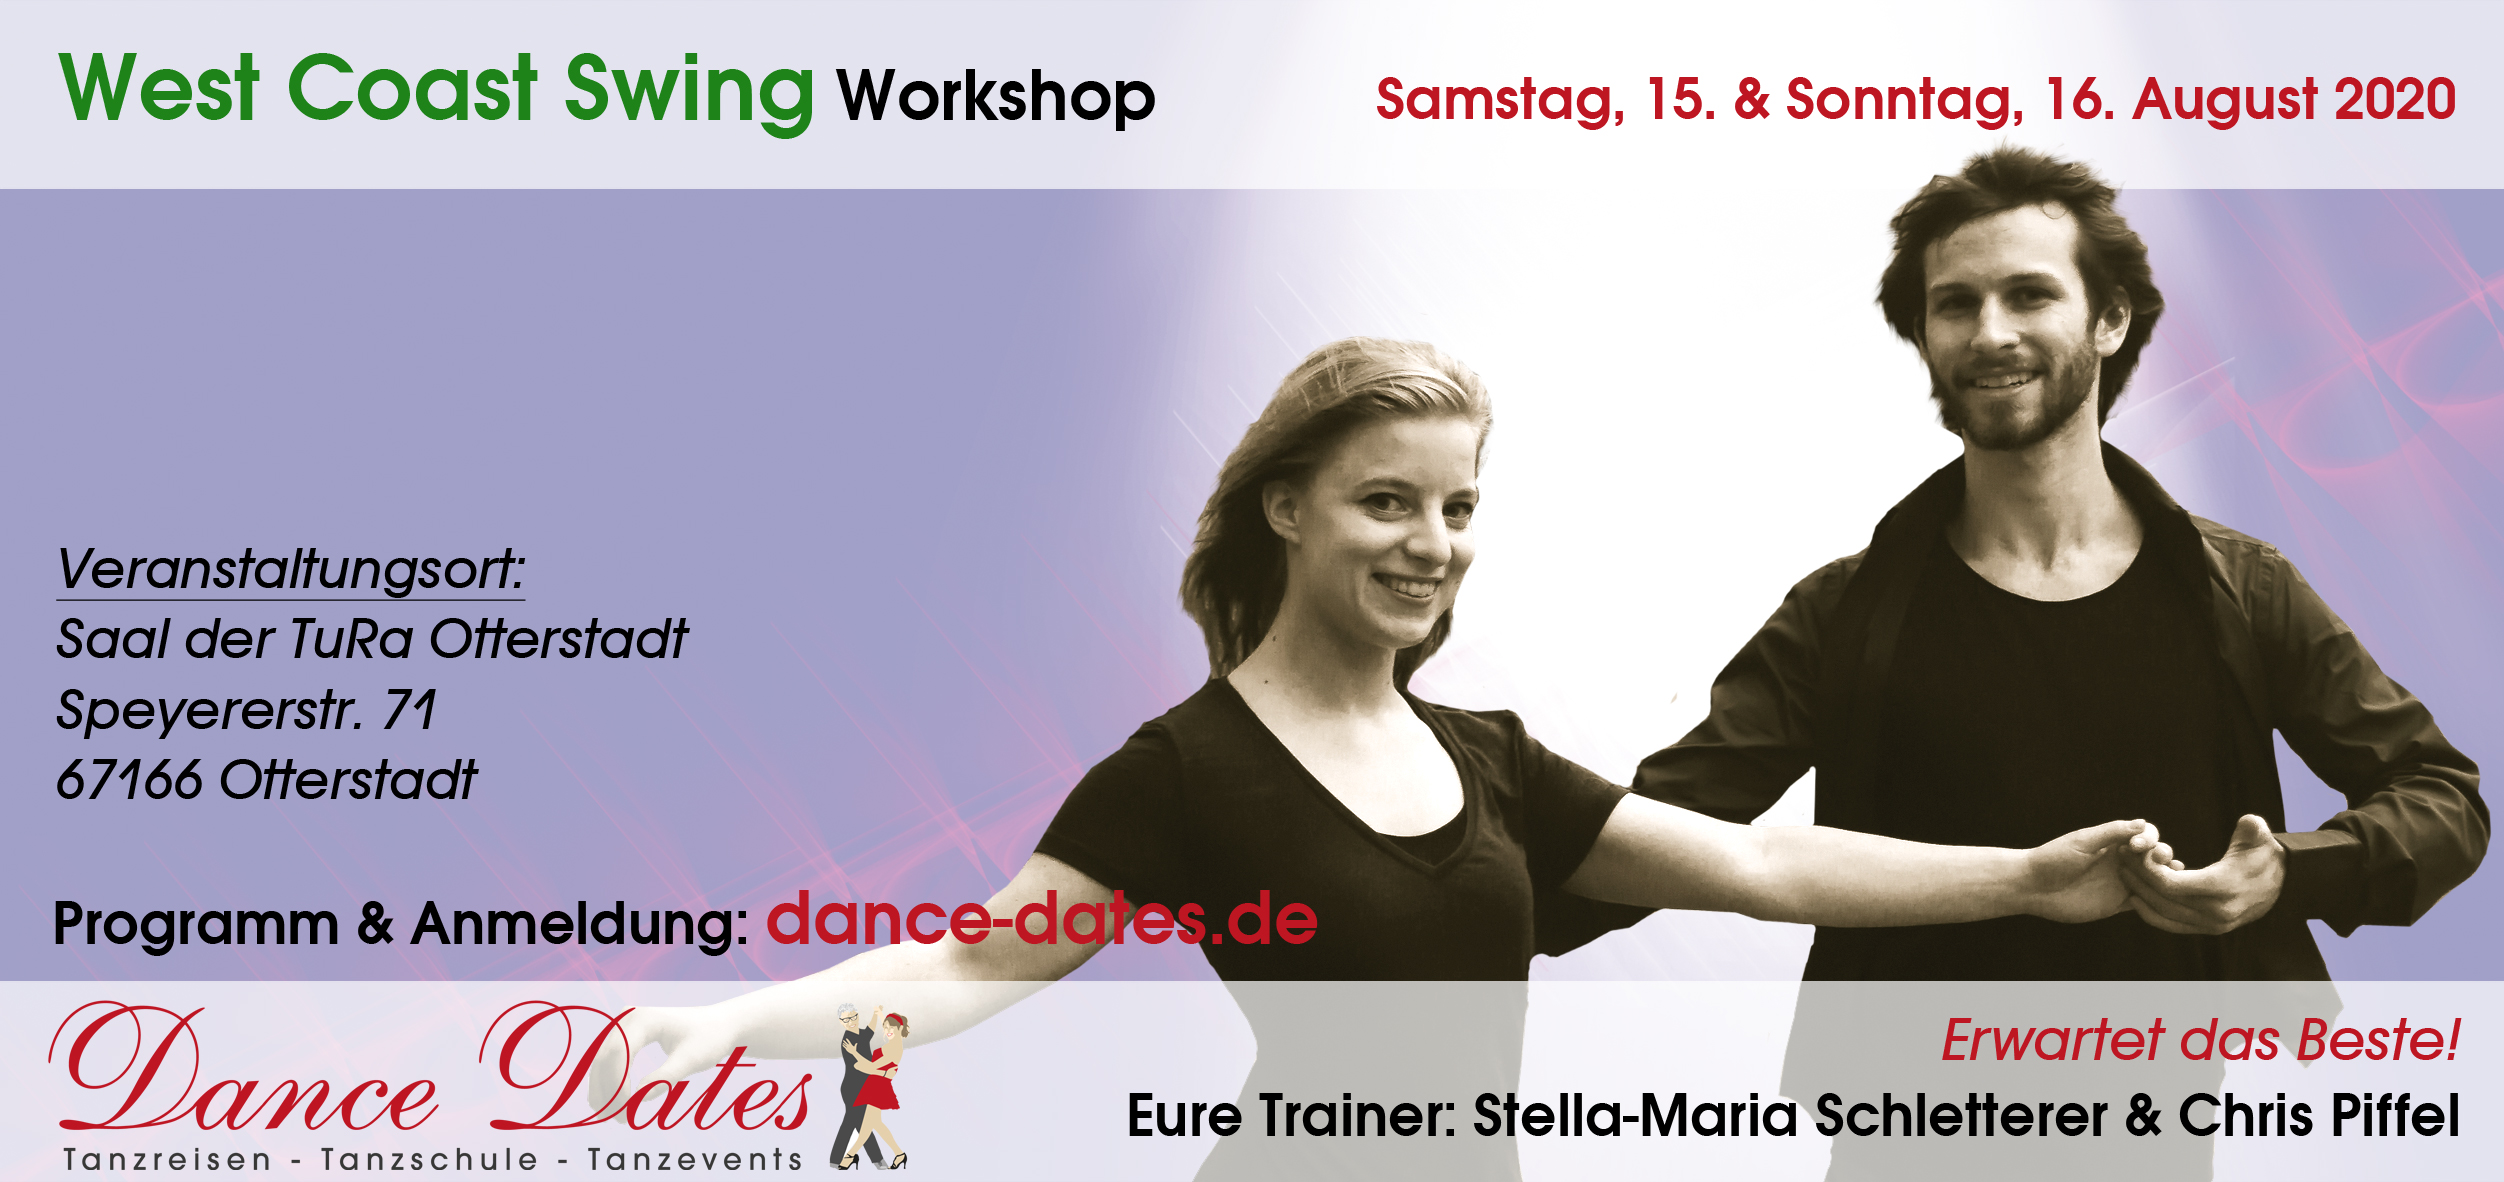 West Coast Swing Workshop & Party Weekend / Otterstadt / Speyer @ Saal der TuRa Otterstadt